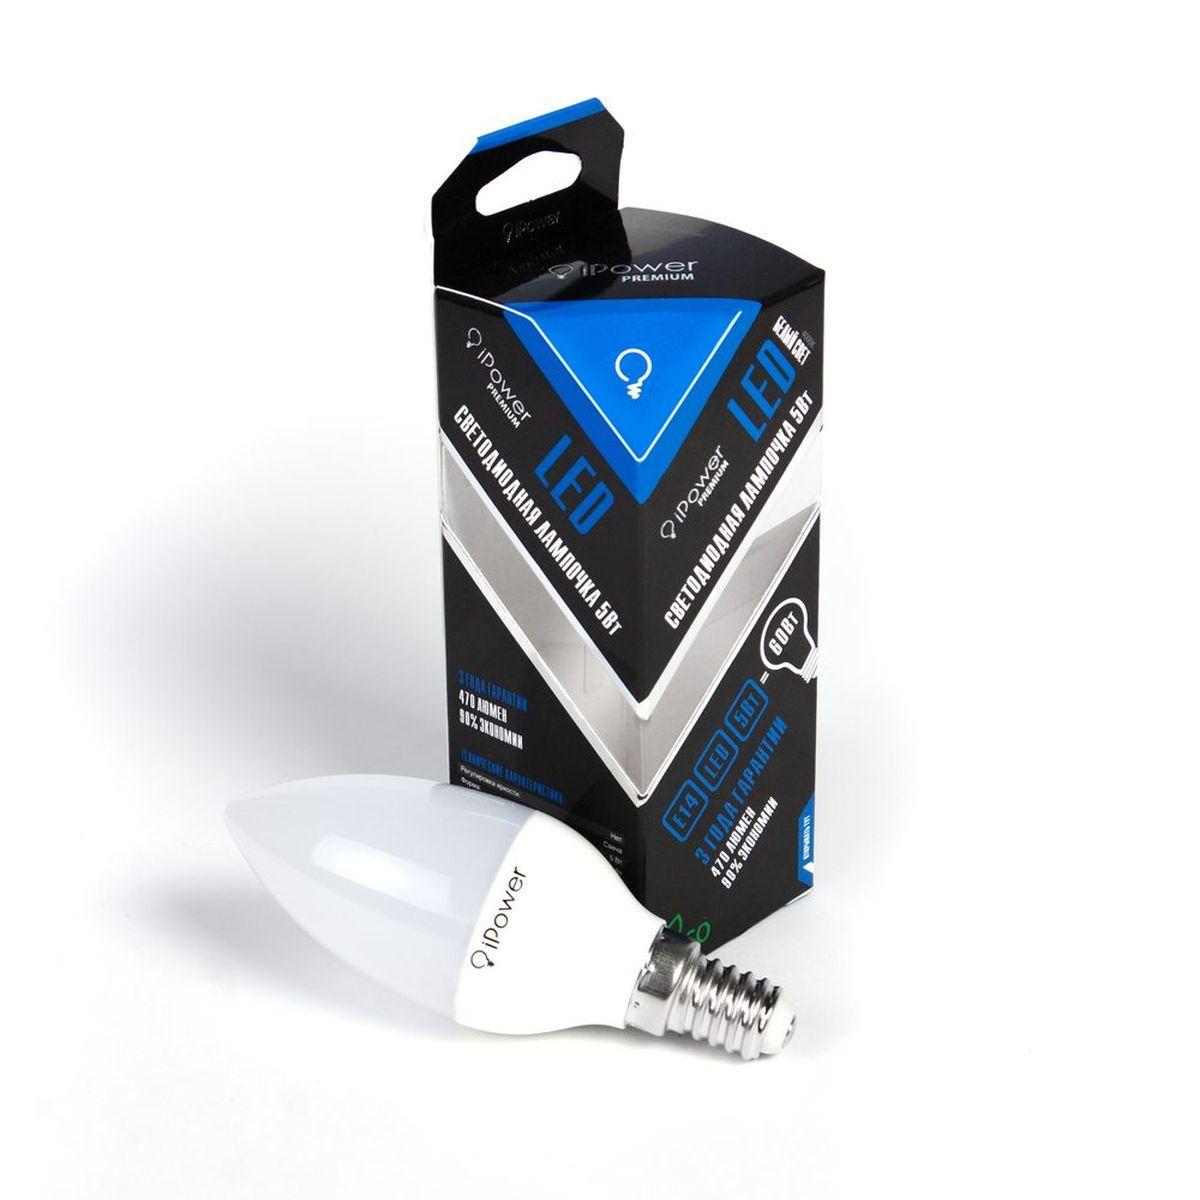 Лампа светодиодная iPower Premium, цоколь Е14, 5W, 4000К1001959Светодиодная лампа iPower Premium имеет очень низкое энергопотребление. В сравнении с лампами накаливания LED потребляет в 12 раз меньше электричества, а в сравнении с энергосберегающими - в 2-4 раза меньше. При этом срок службы LED лампочки в 5 раз выше, чем энергосберегающей, и в 50 раз выше, чем у лампы накаливания. Светодиодная лампа iPower Premium создает мягкий рассеивающий свет без мерцаний, что совершенно безопасно для глаз. Она специально разработана по требованиям российских и европейских законов и подходит ко всем осветительным устройствам, совместимым со стандартным цоколем E27. Использование светодиодов от мирового лидера Epistar - это залог надежной и стабильной работы лампы. Нейтральный белый оттенок свечения идеально подойдет для освещения, как офисов, образовательных и медицинских учреждений, так и кухни, гостиной. Диапазон рабочих температур: от -50°C до +50°С. Материал: алюминий, поликарбонат. Потребляемая мощность: 5 Вт. Рабочее...